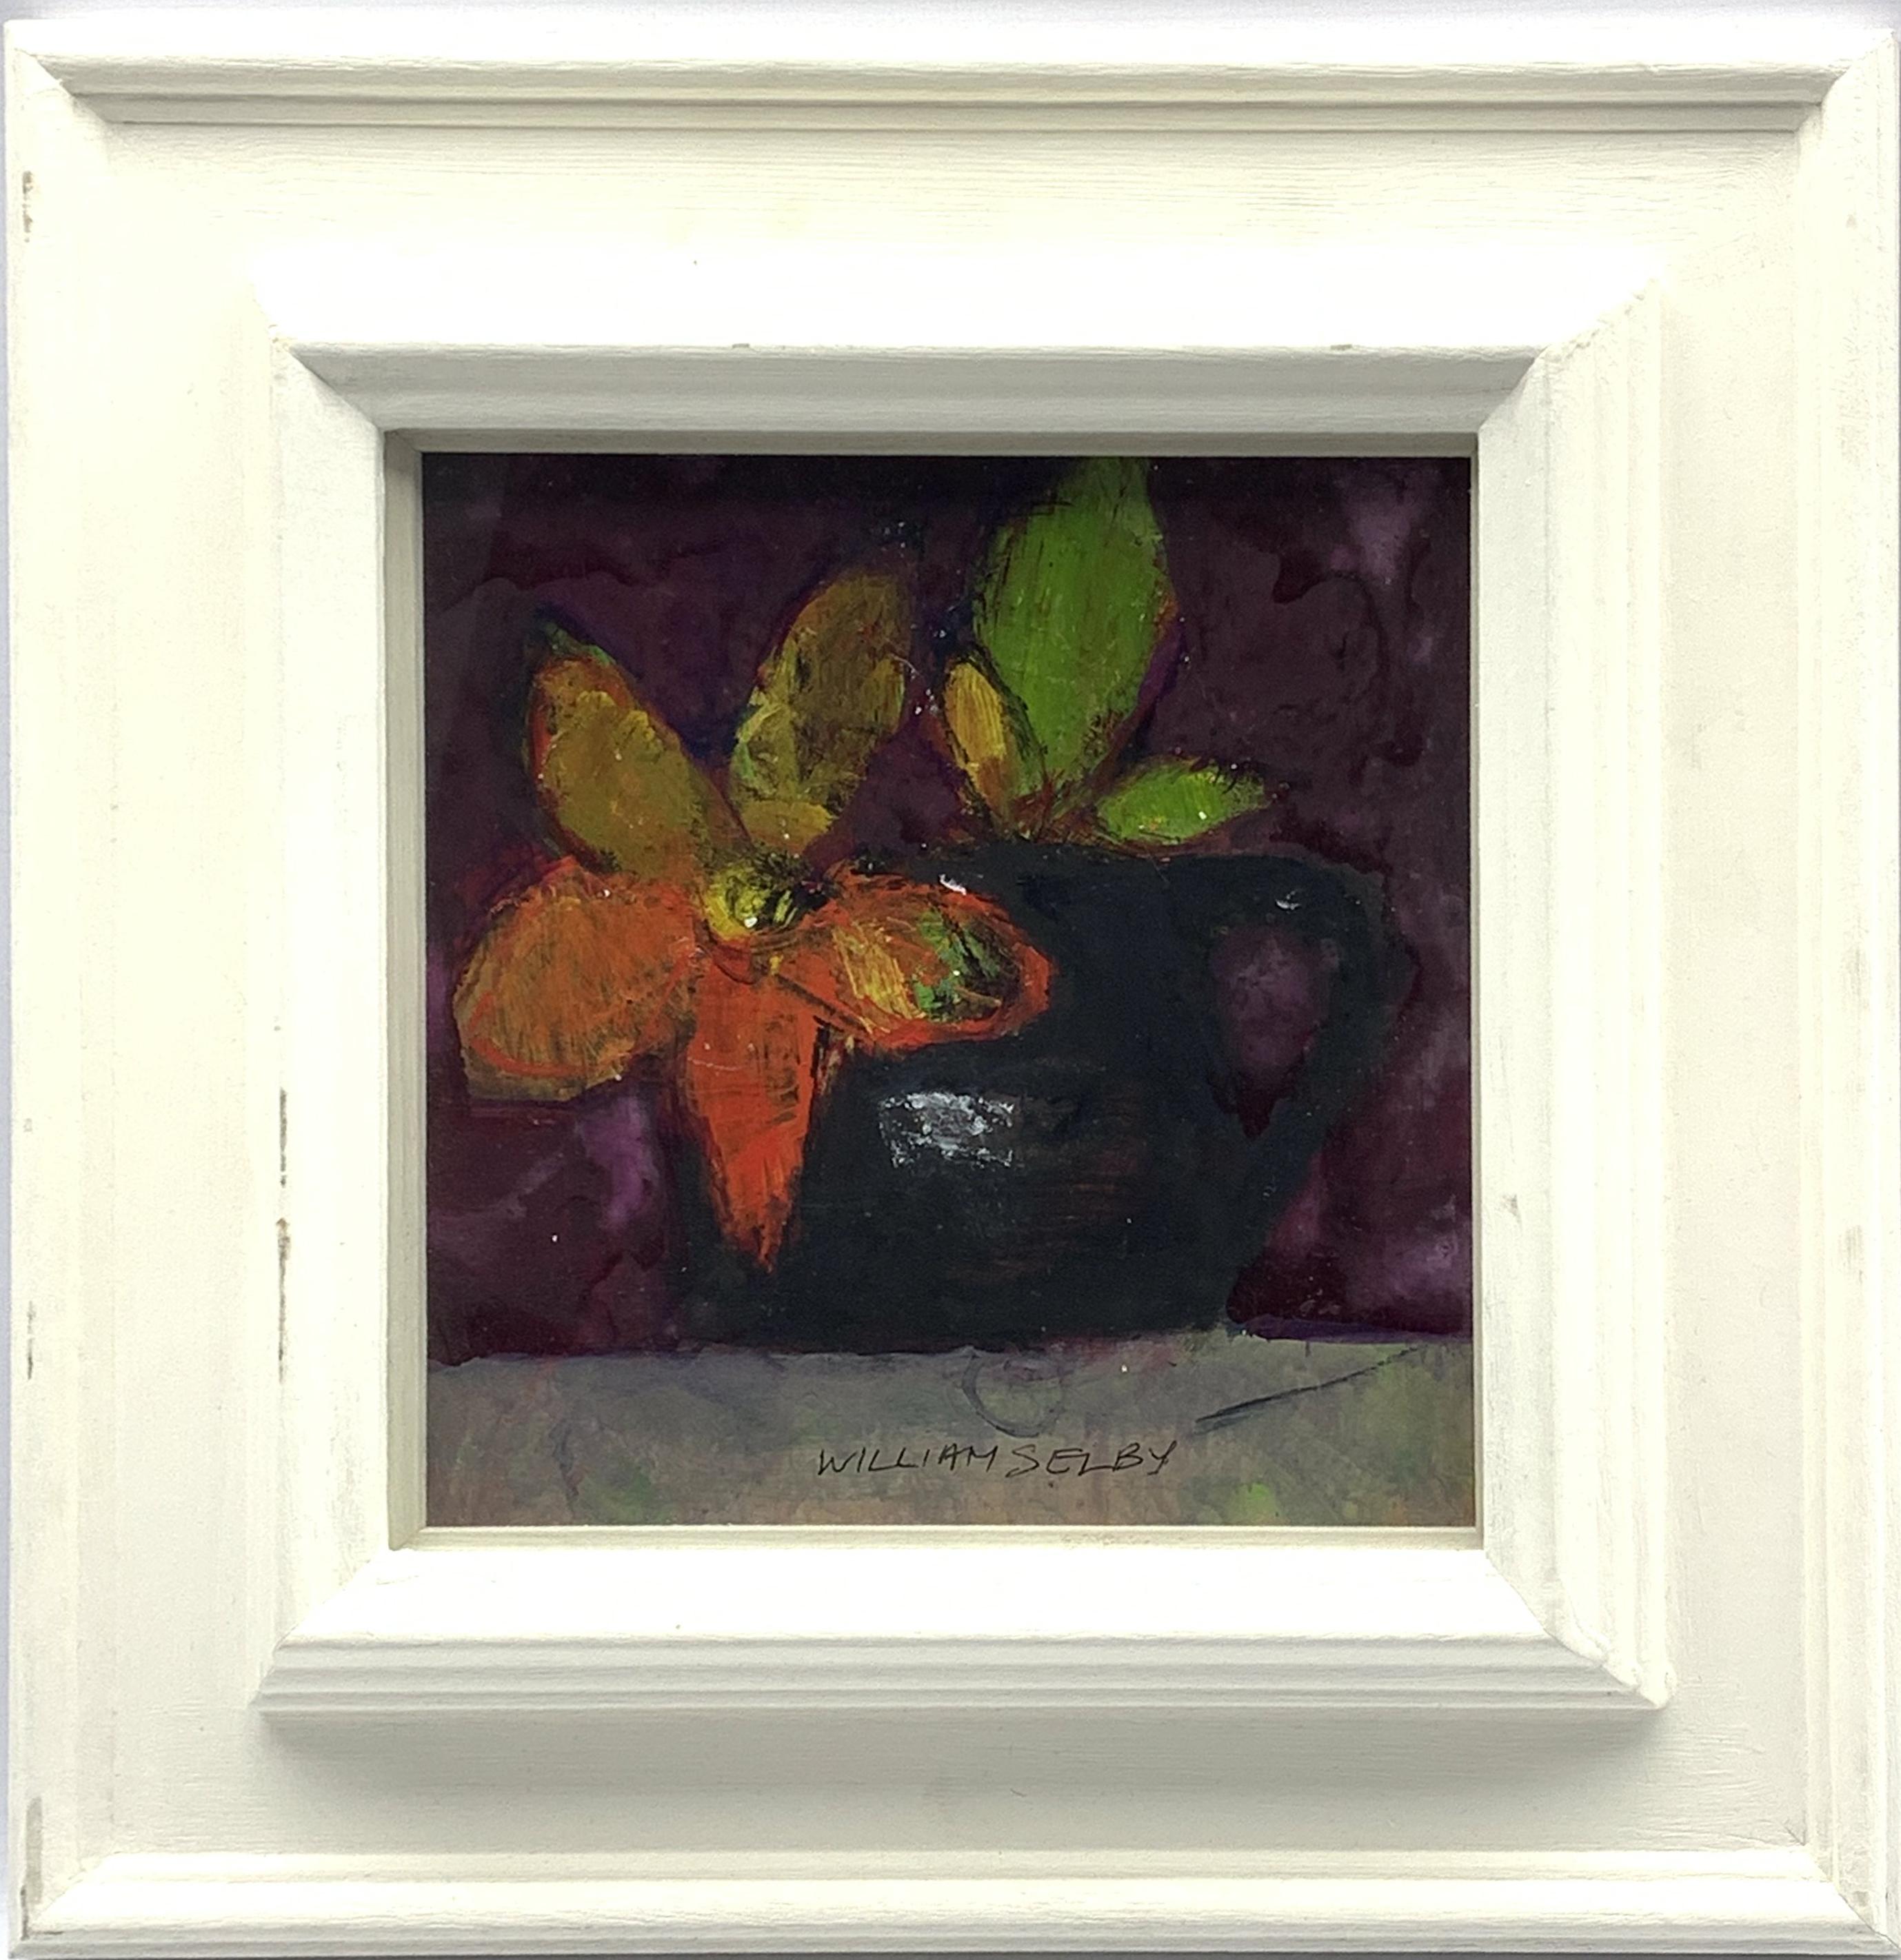 William Selby (British 1933-): Still Life with Black Mug, mixed media signed 18cm x 18cm, UK - Image 2 of 3